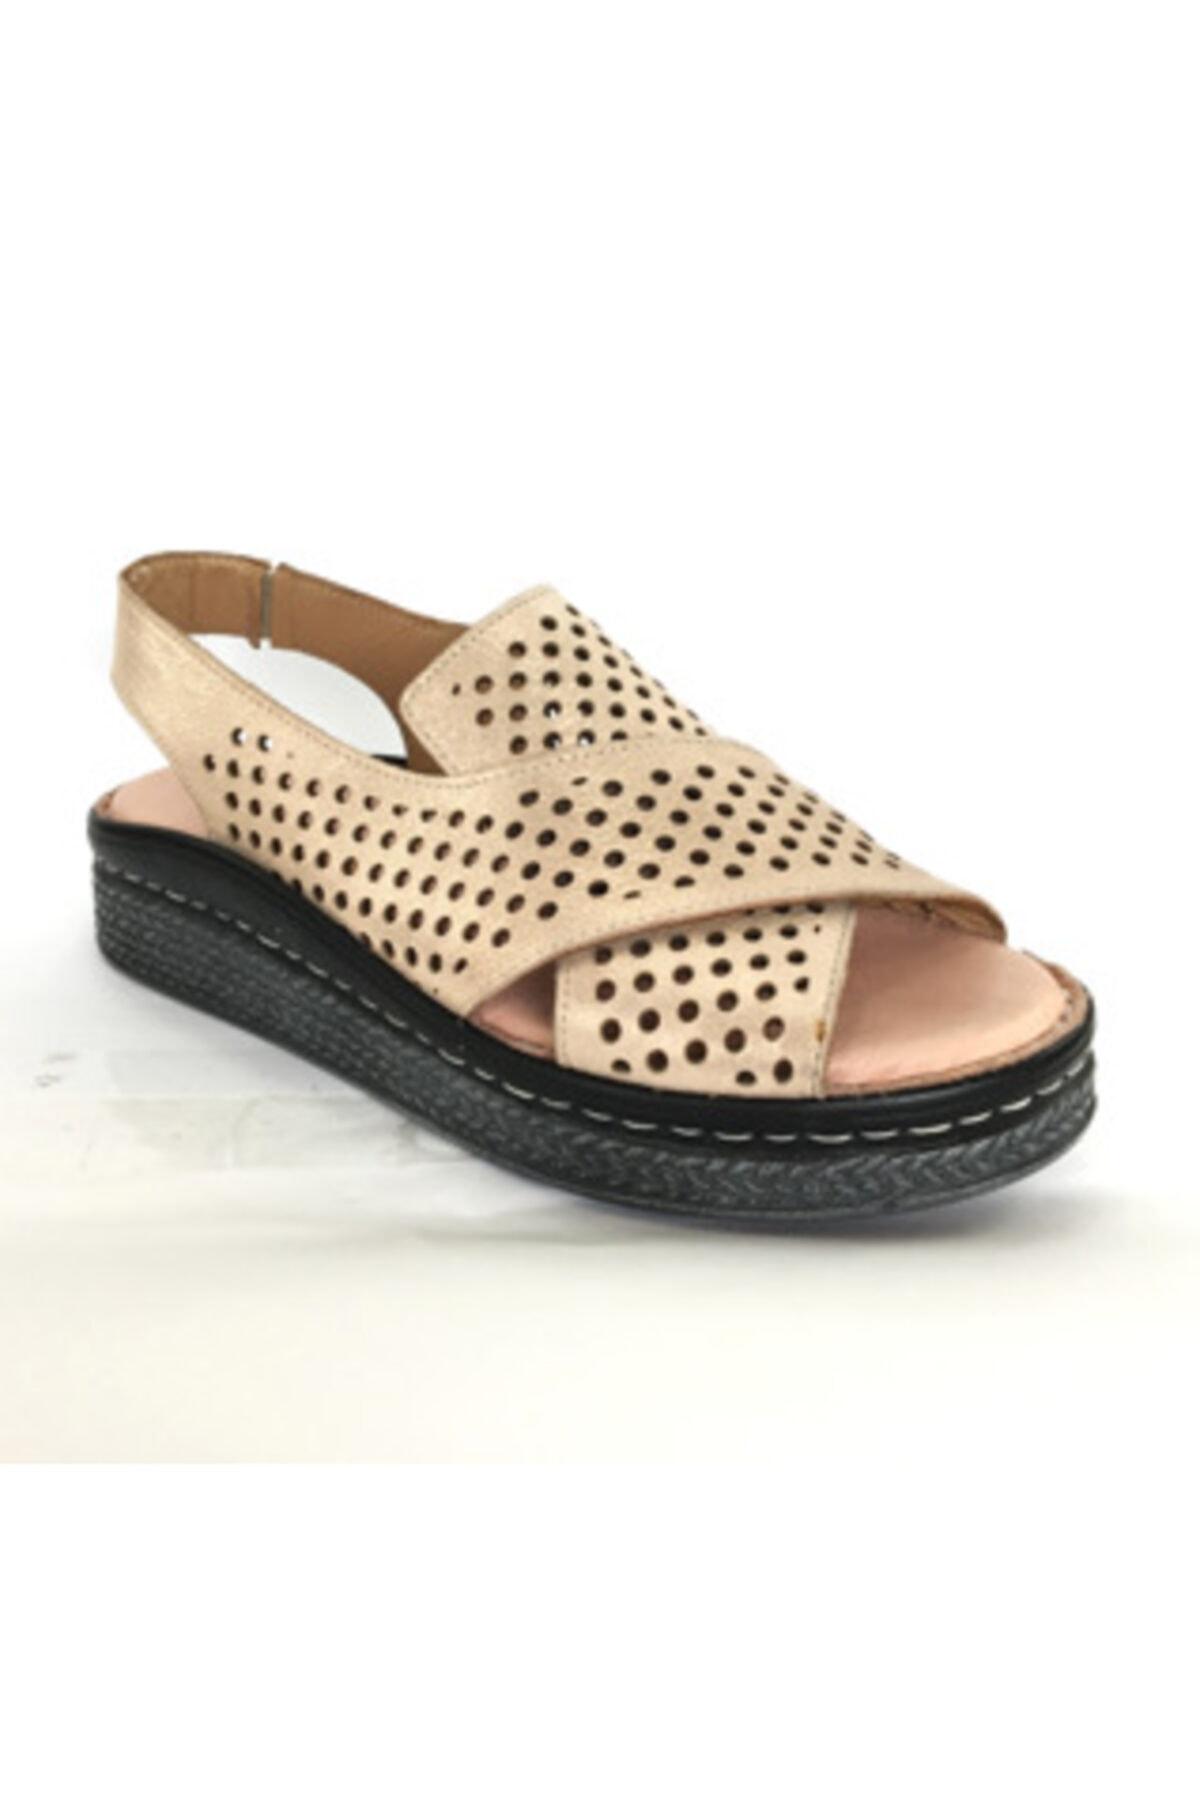 Maje Kadın Pudra Hakiki Deri Ortopedik Comfort Sandalet 1